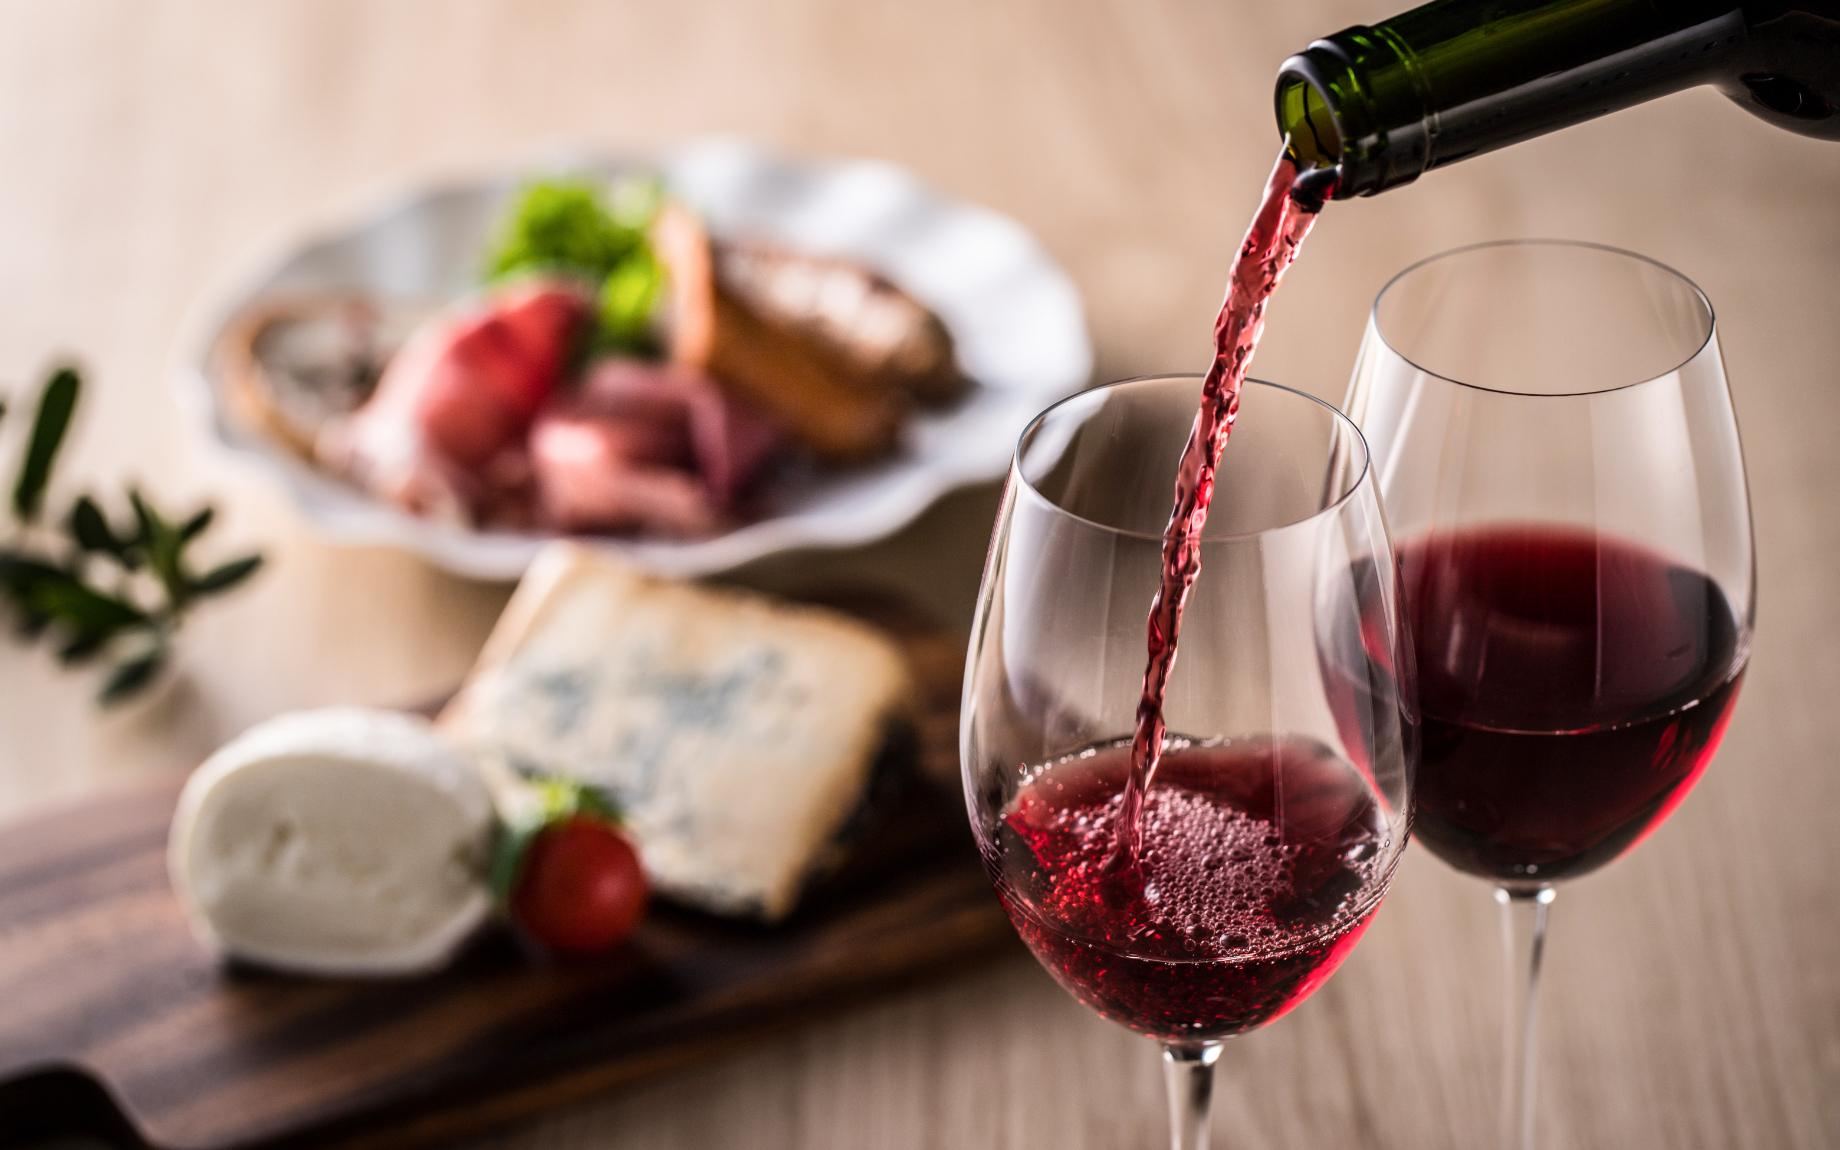 ワインをおいしく飲みたいなら、まずは『温度』を知ろう | ワインや日本酒をもっと美味しく楽しむ方法 | ワインセラー・日本酒セラーのさくら製作所